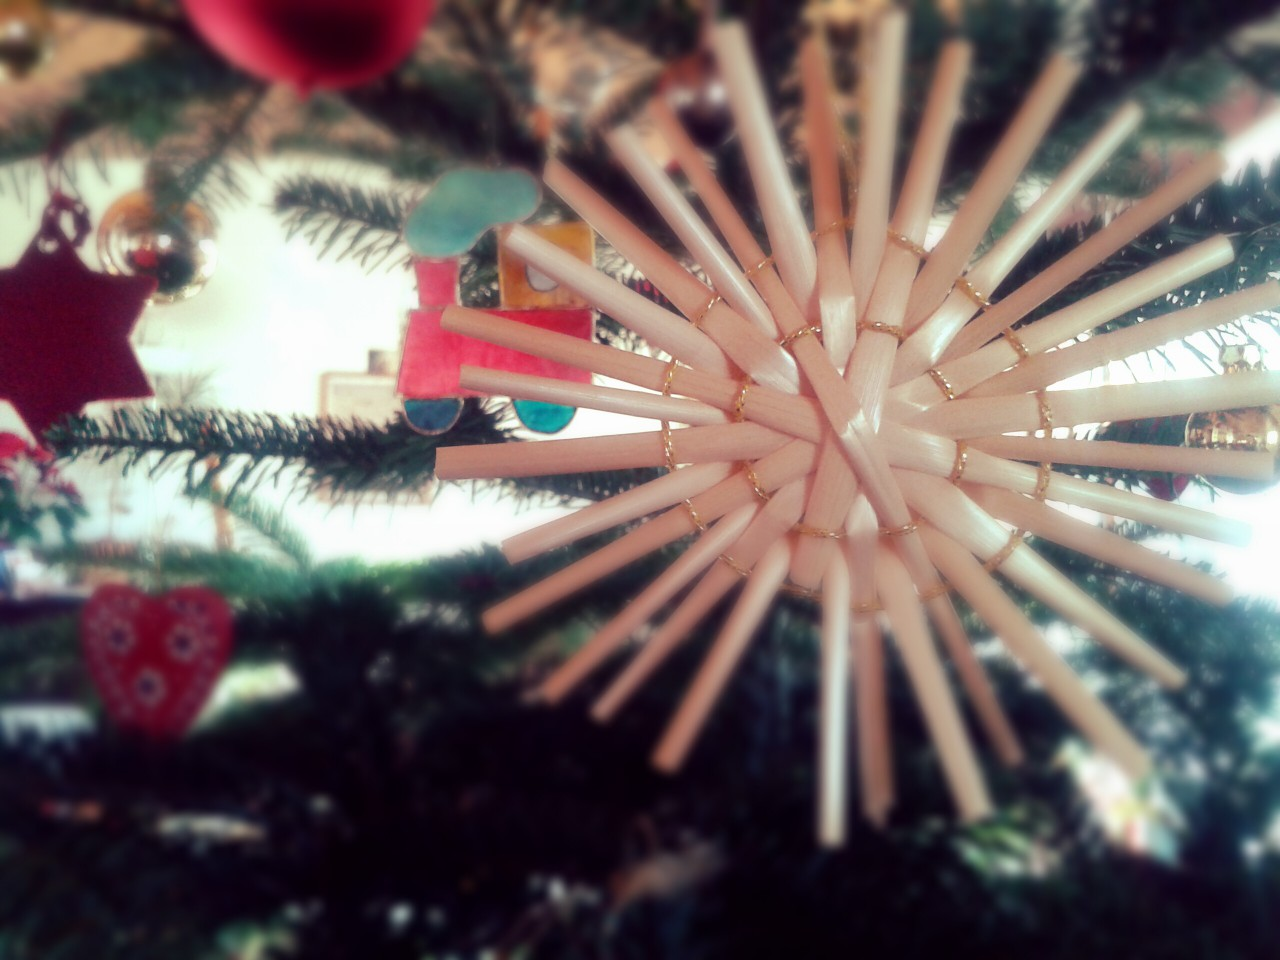 Früher war auch nicht mehr Lametta. Schamel wünscht frohe Weihnachten.